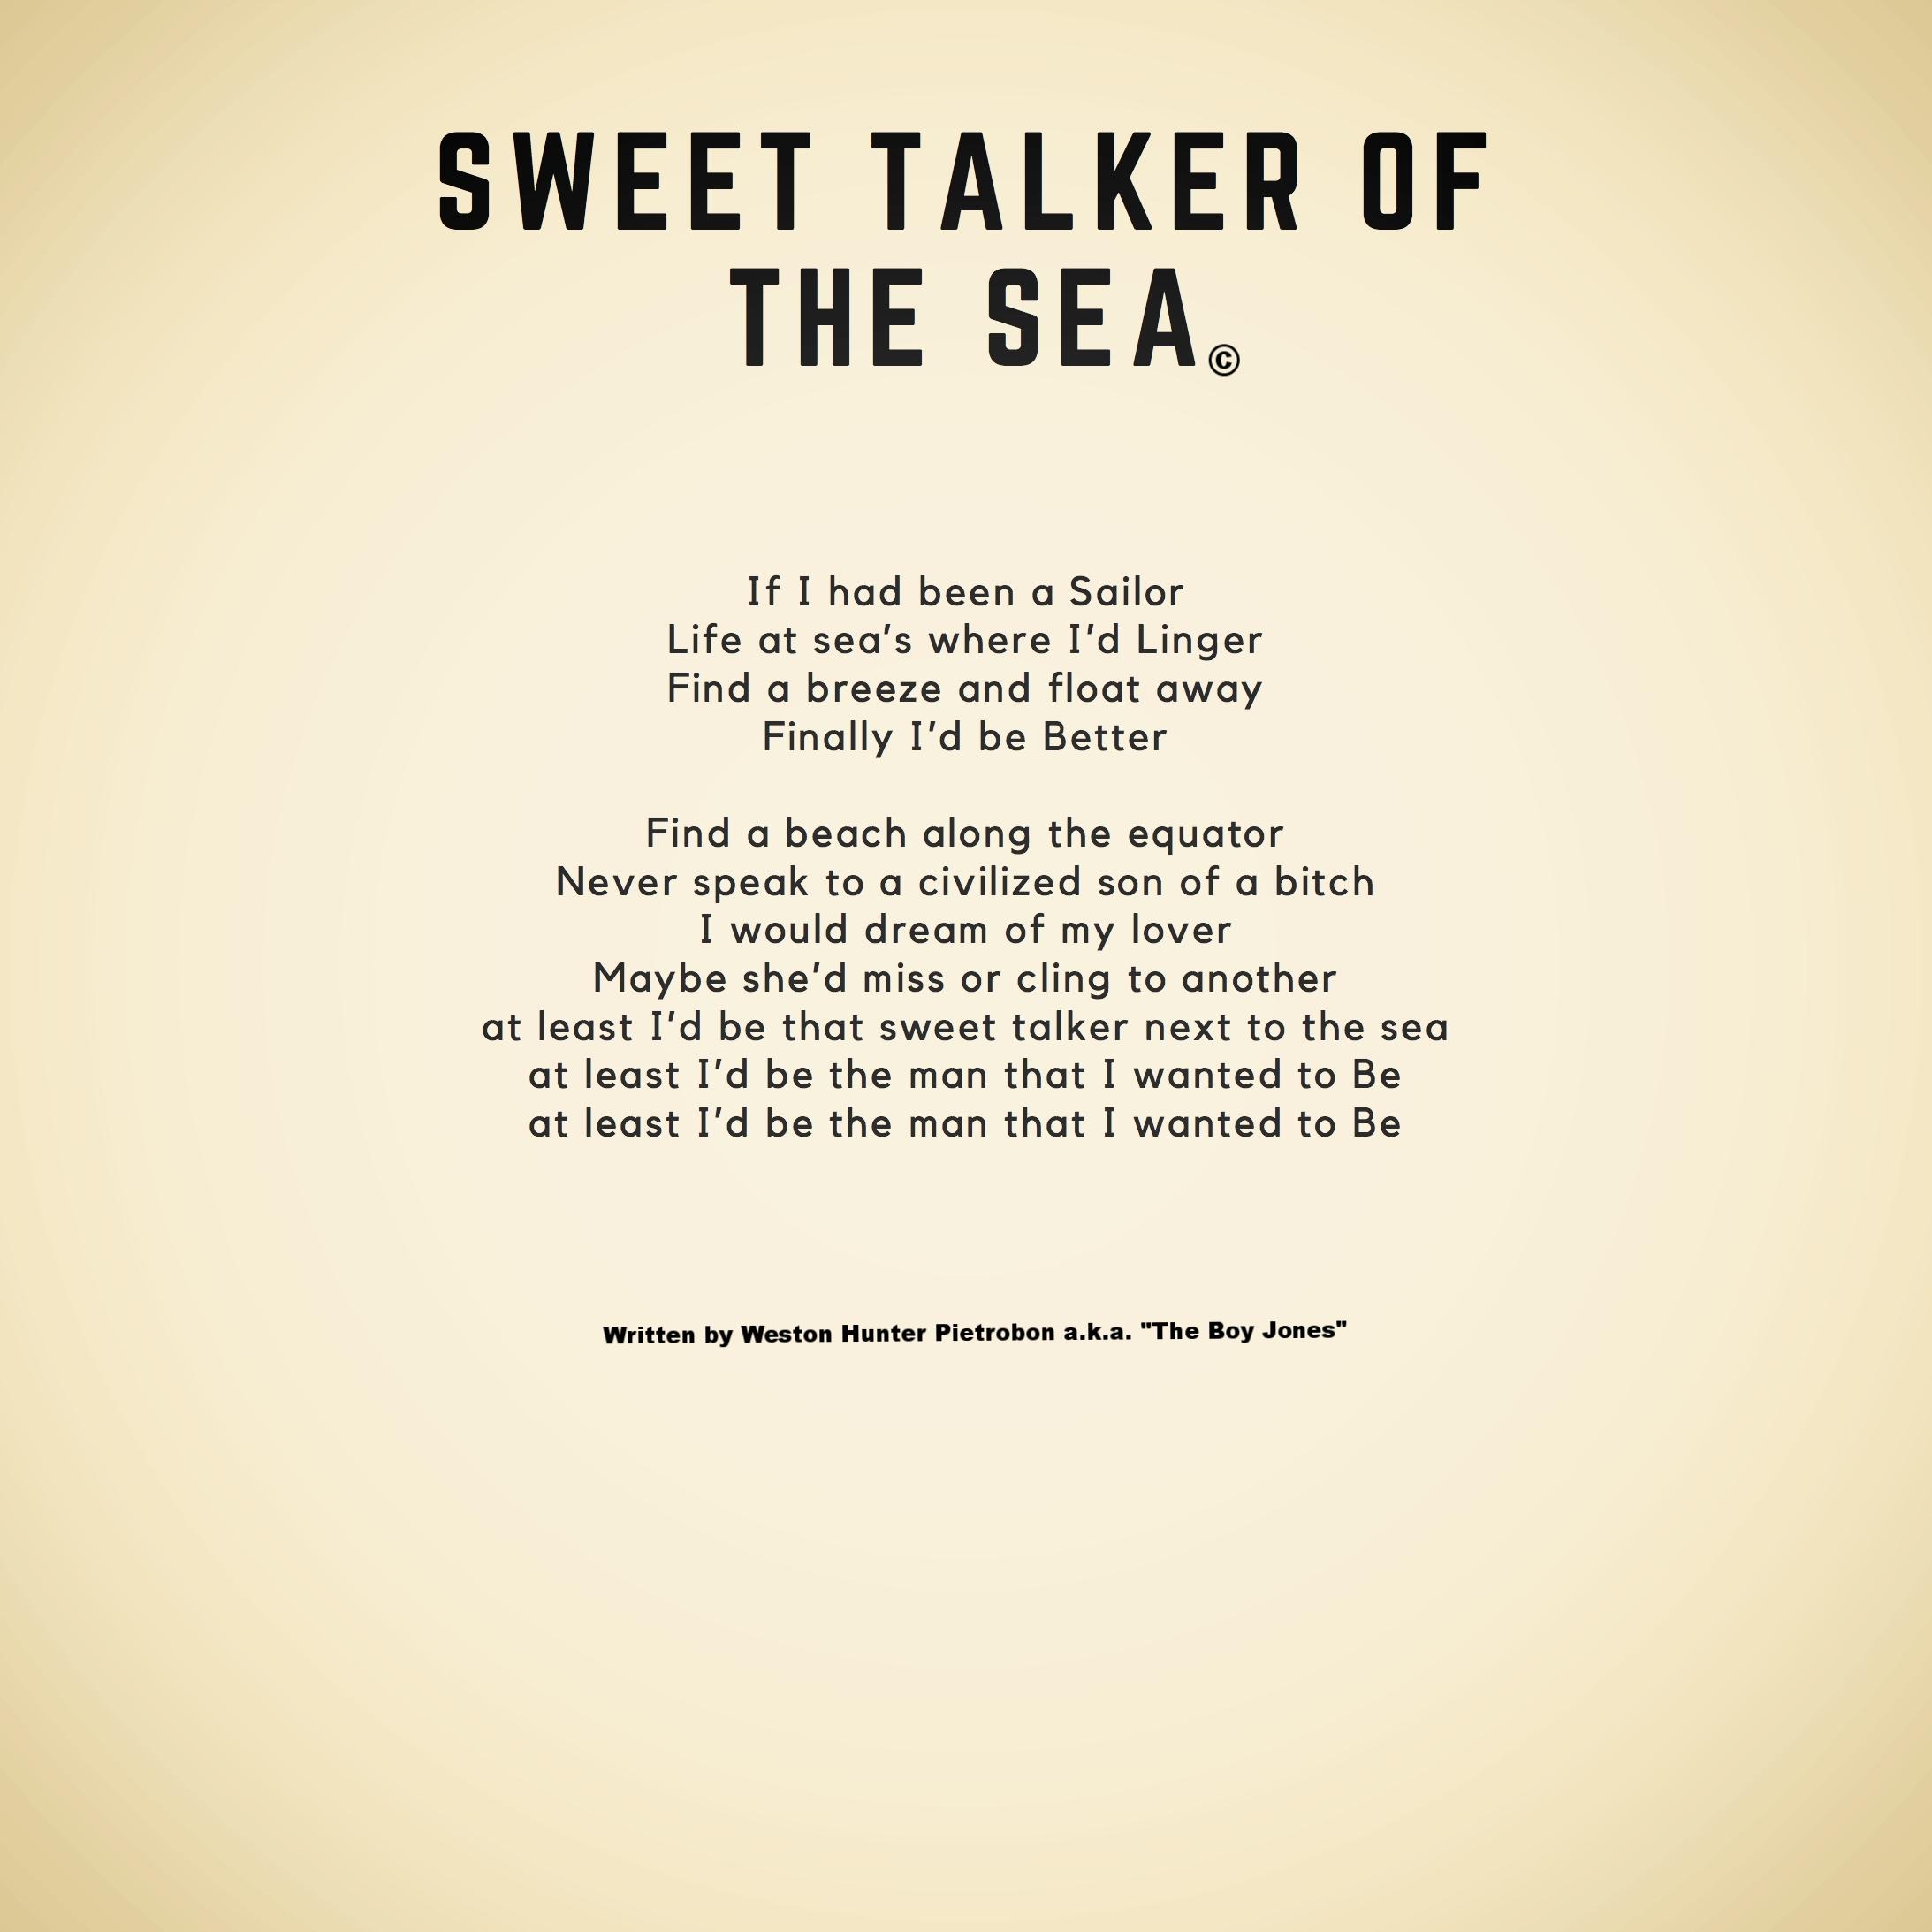 Sweet Talker Of The Sea.jpg